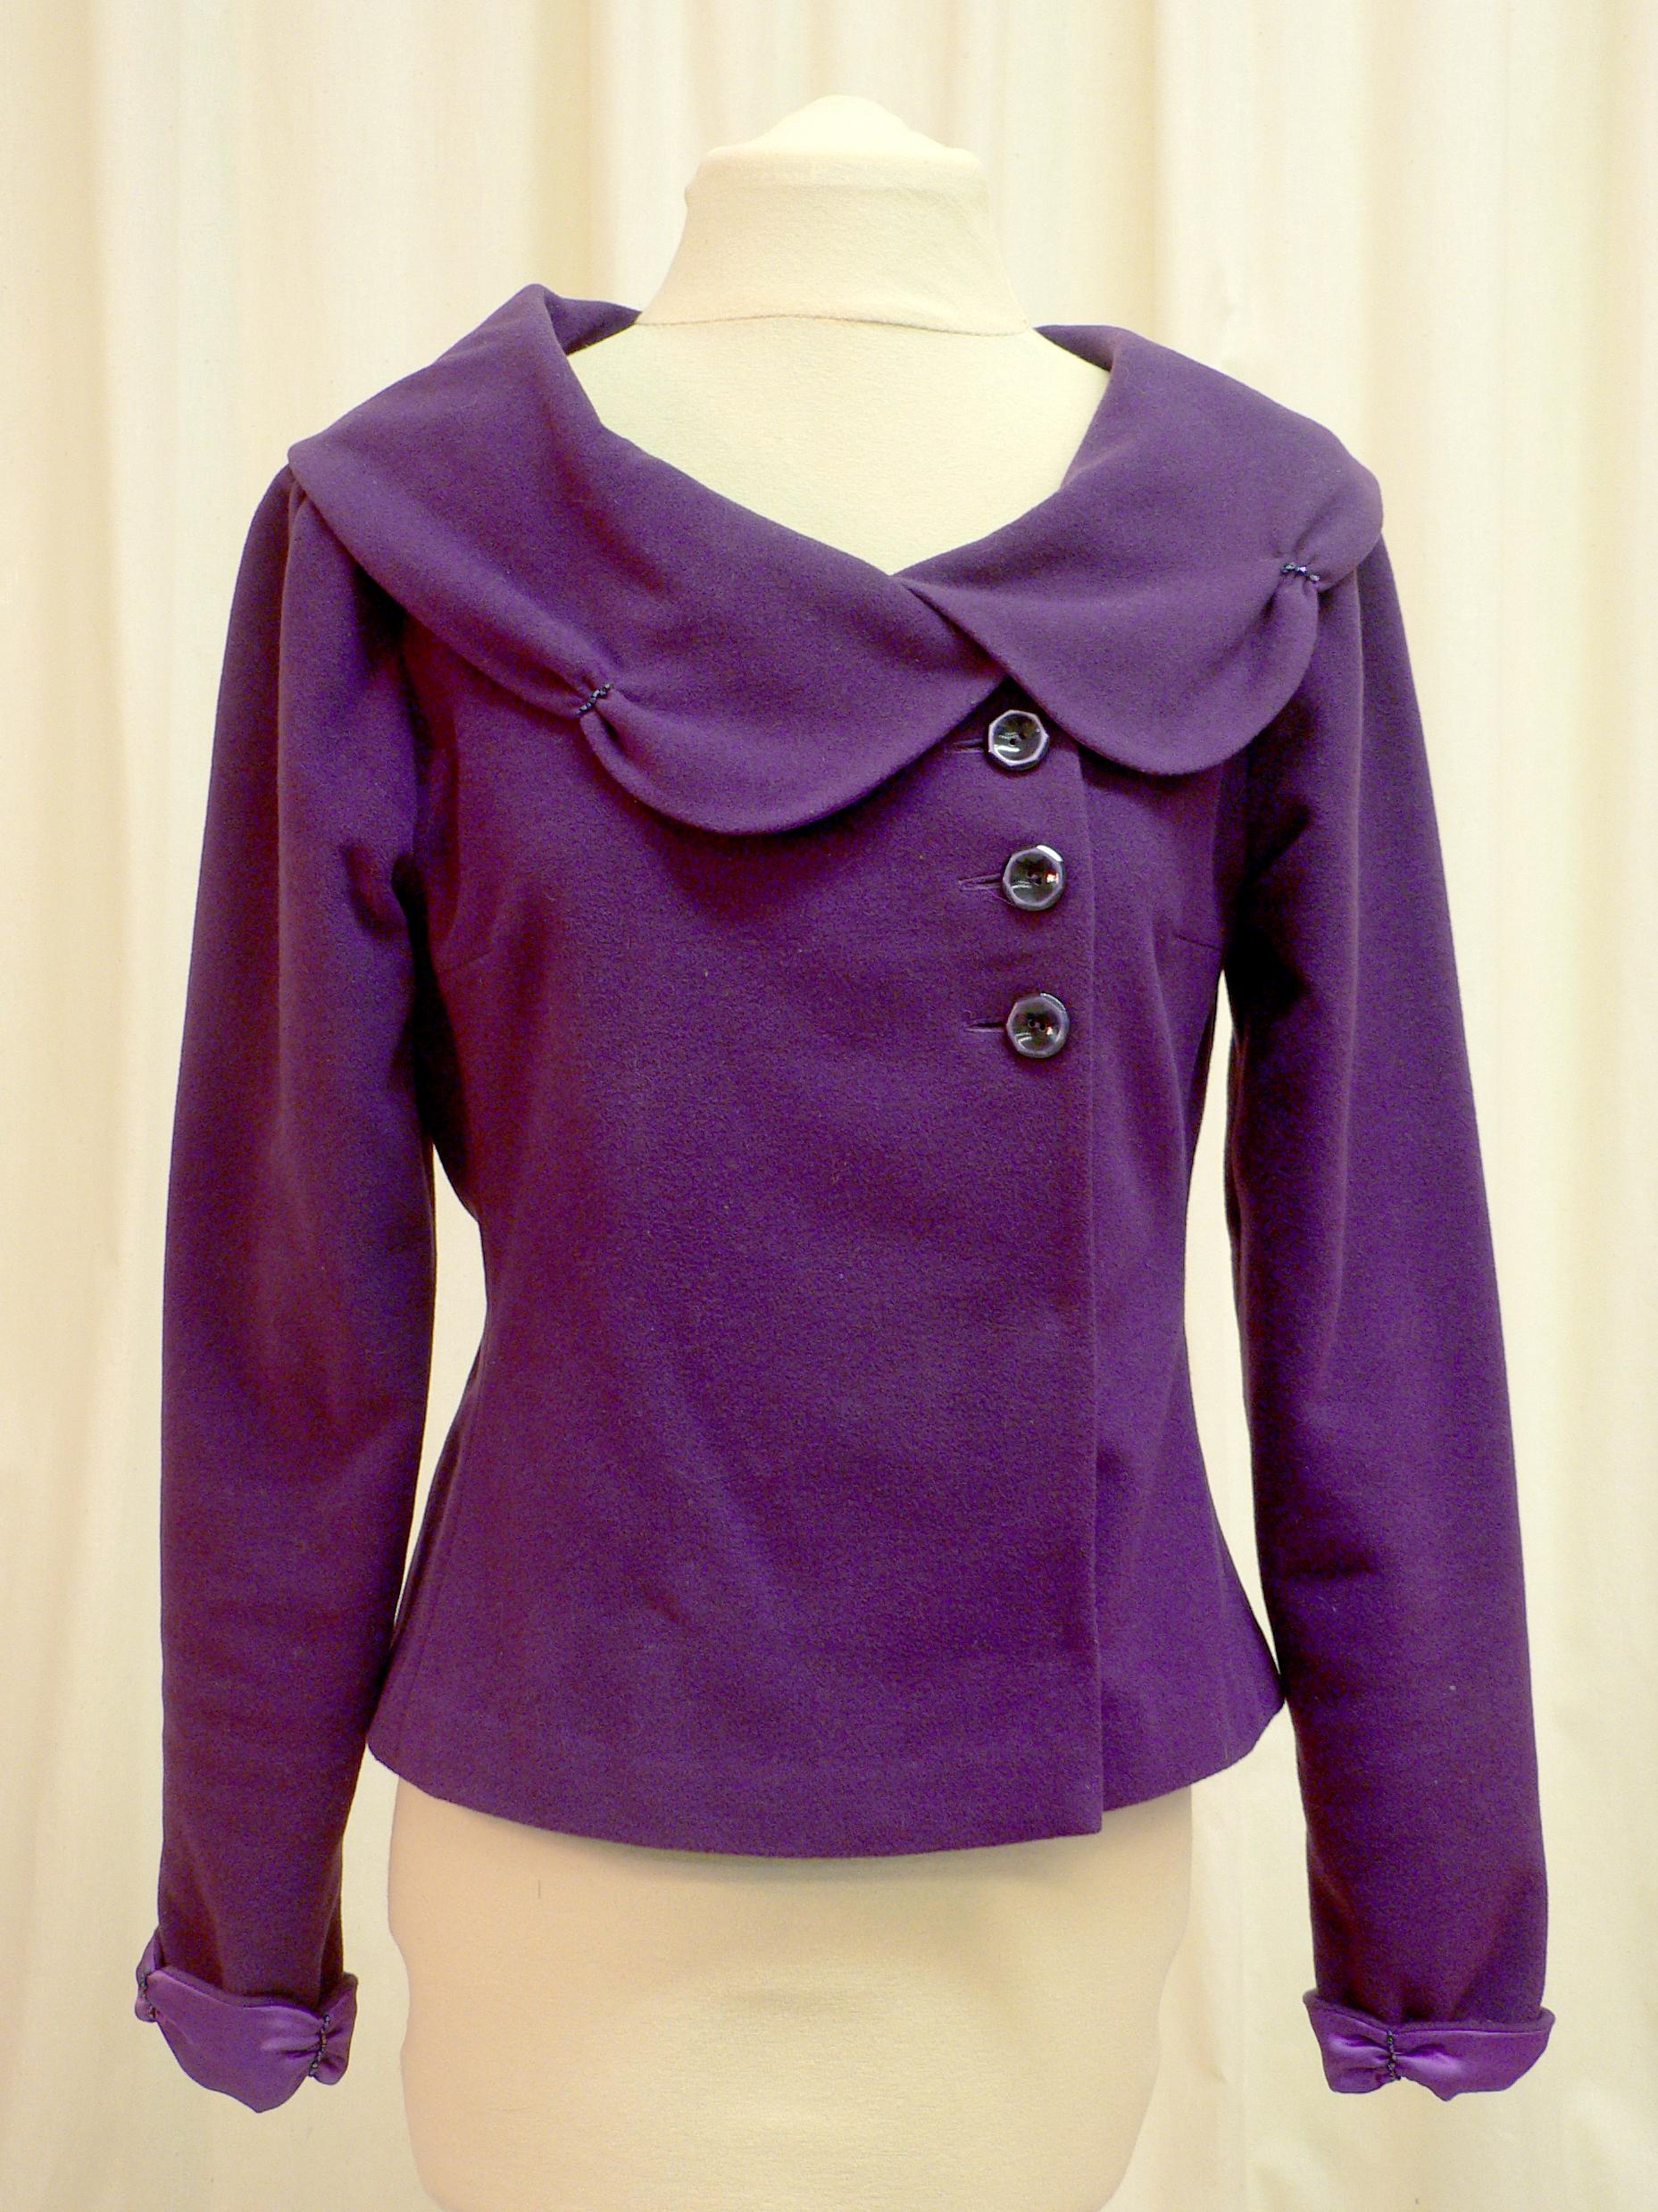 jacketvar07-1.JPG